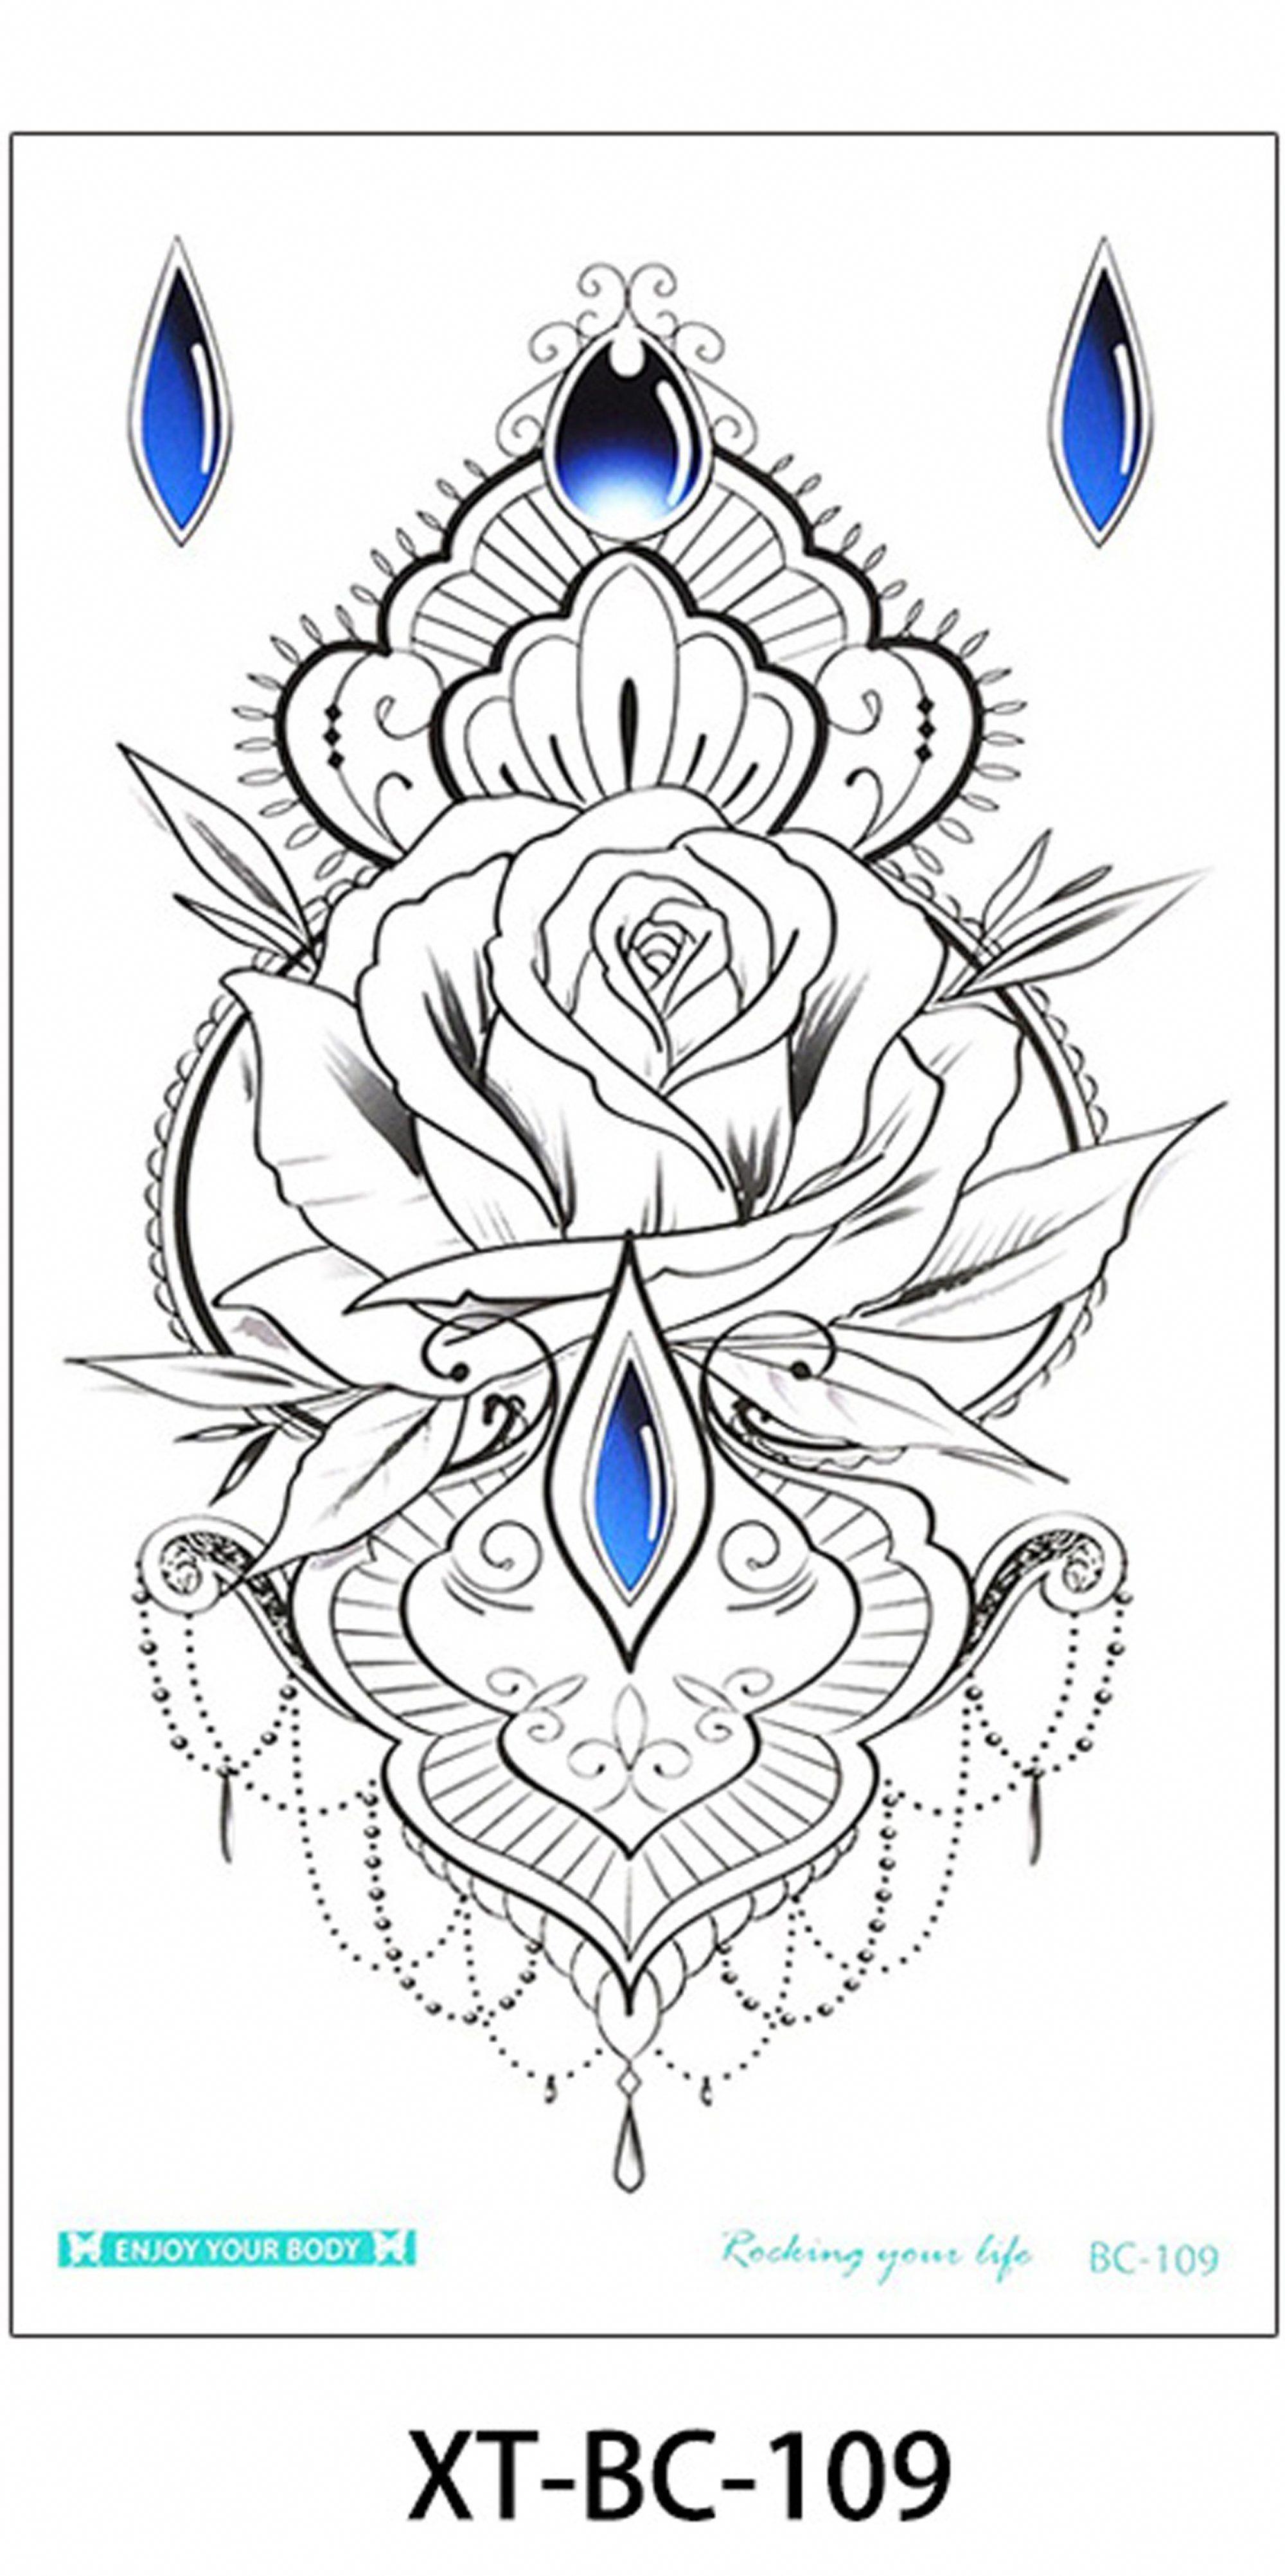 tattoo vorlagen zeichnung rosen in 2020 Tattoo vorlagen